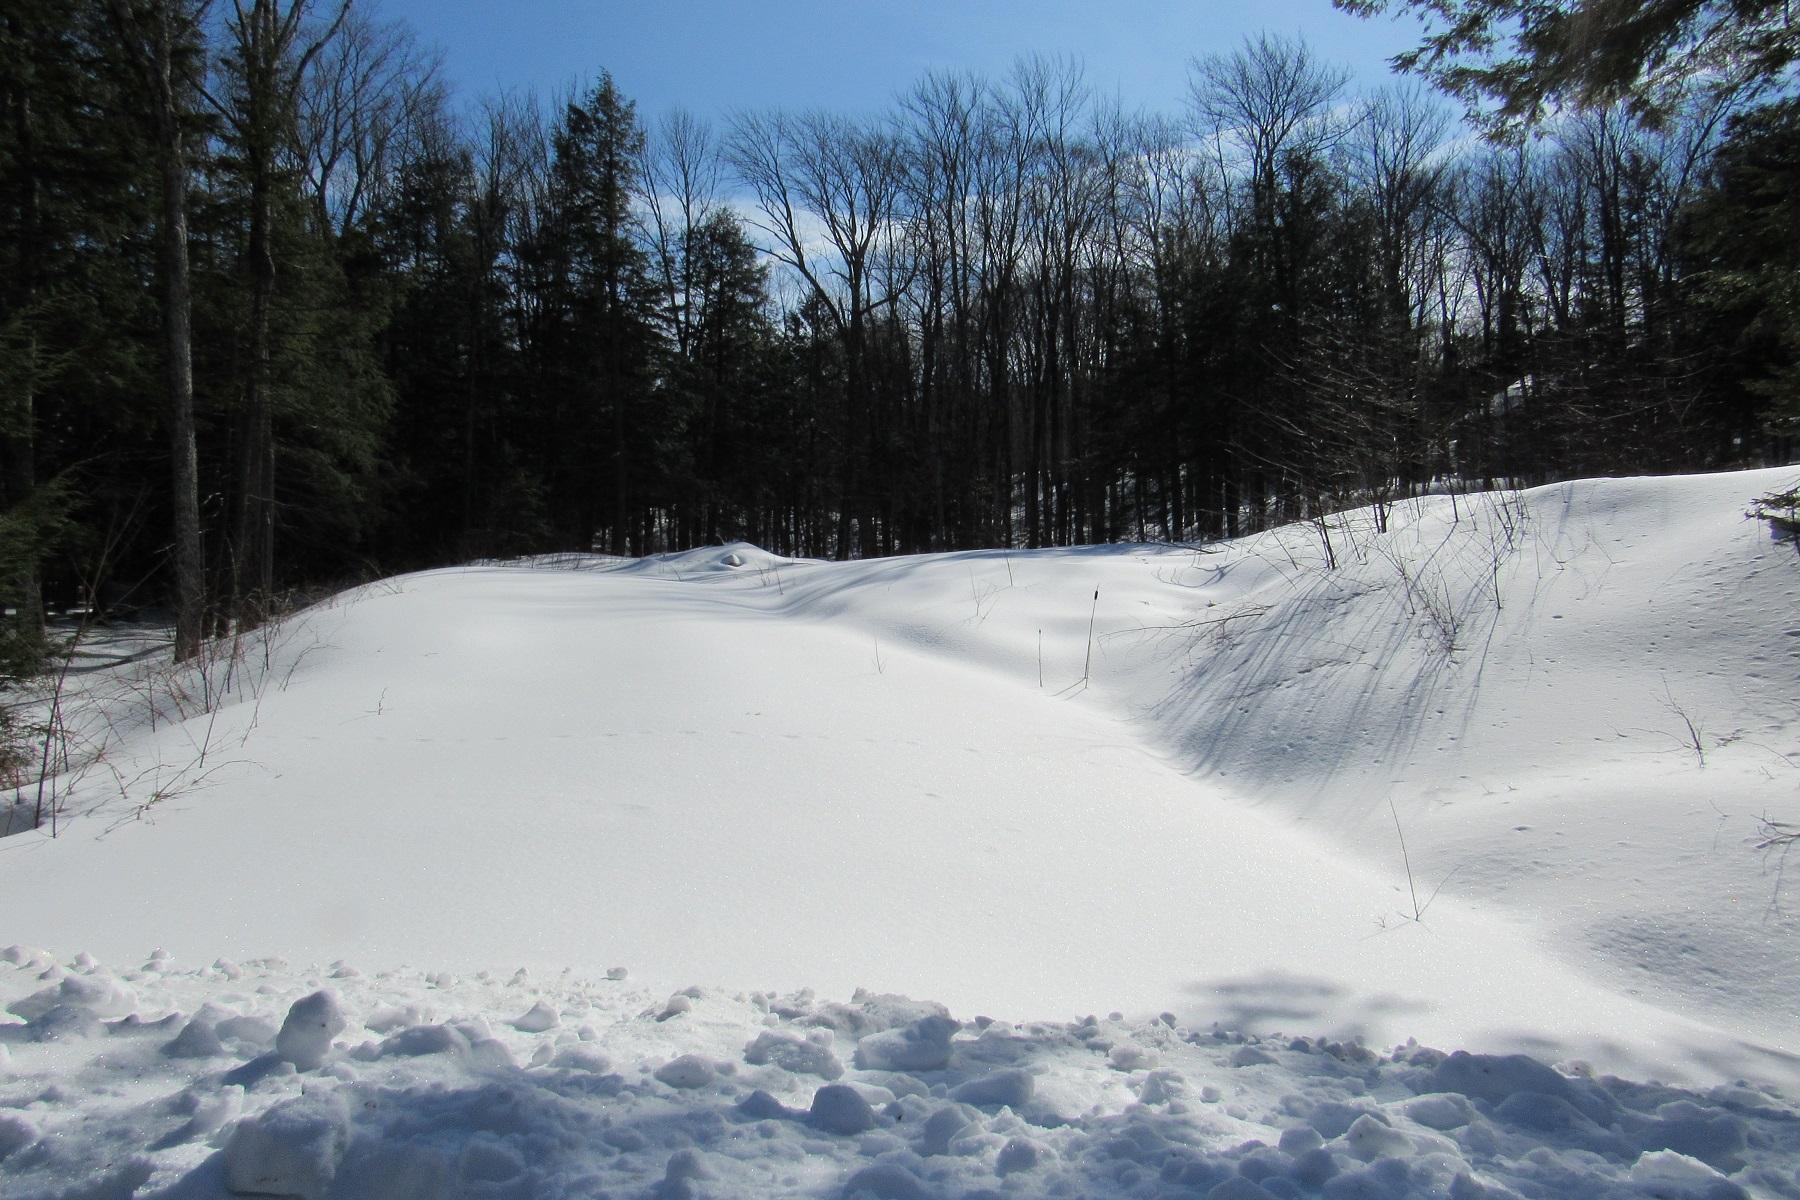 Land for Sale at Buildable Parcel 23-51 Cubs Concourse Lot #46 Killington, Vermont 05751 United States